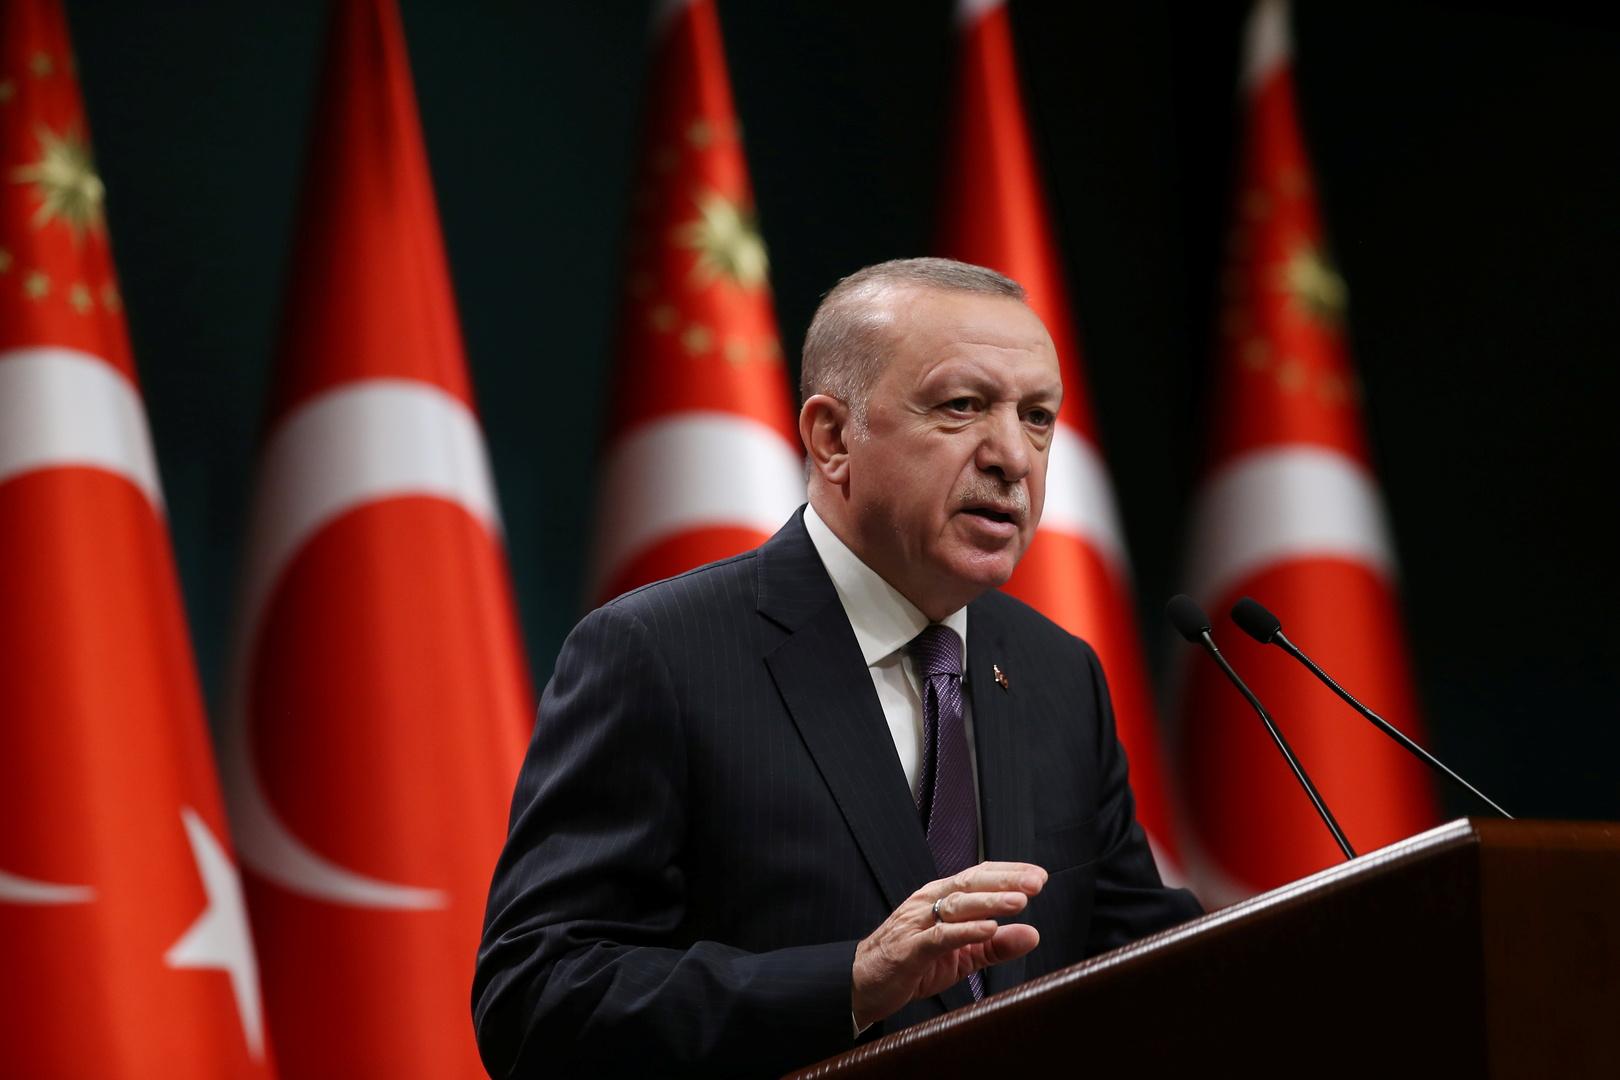 أردوغان لروحاني: تركيا أبدت رد فعلها بأشد طريقة على اعتداءات إسرائيل وظلمها في فلسطين